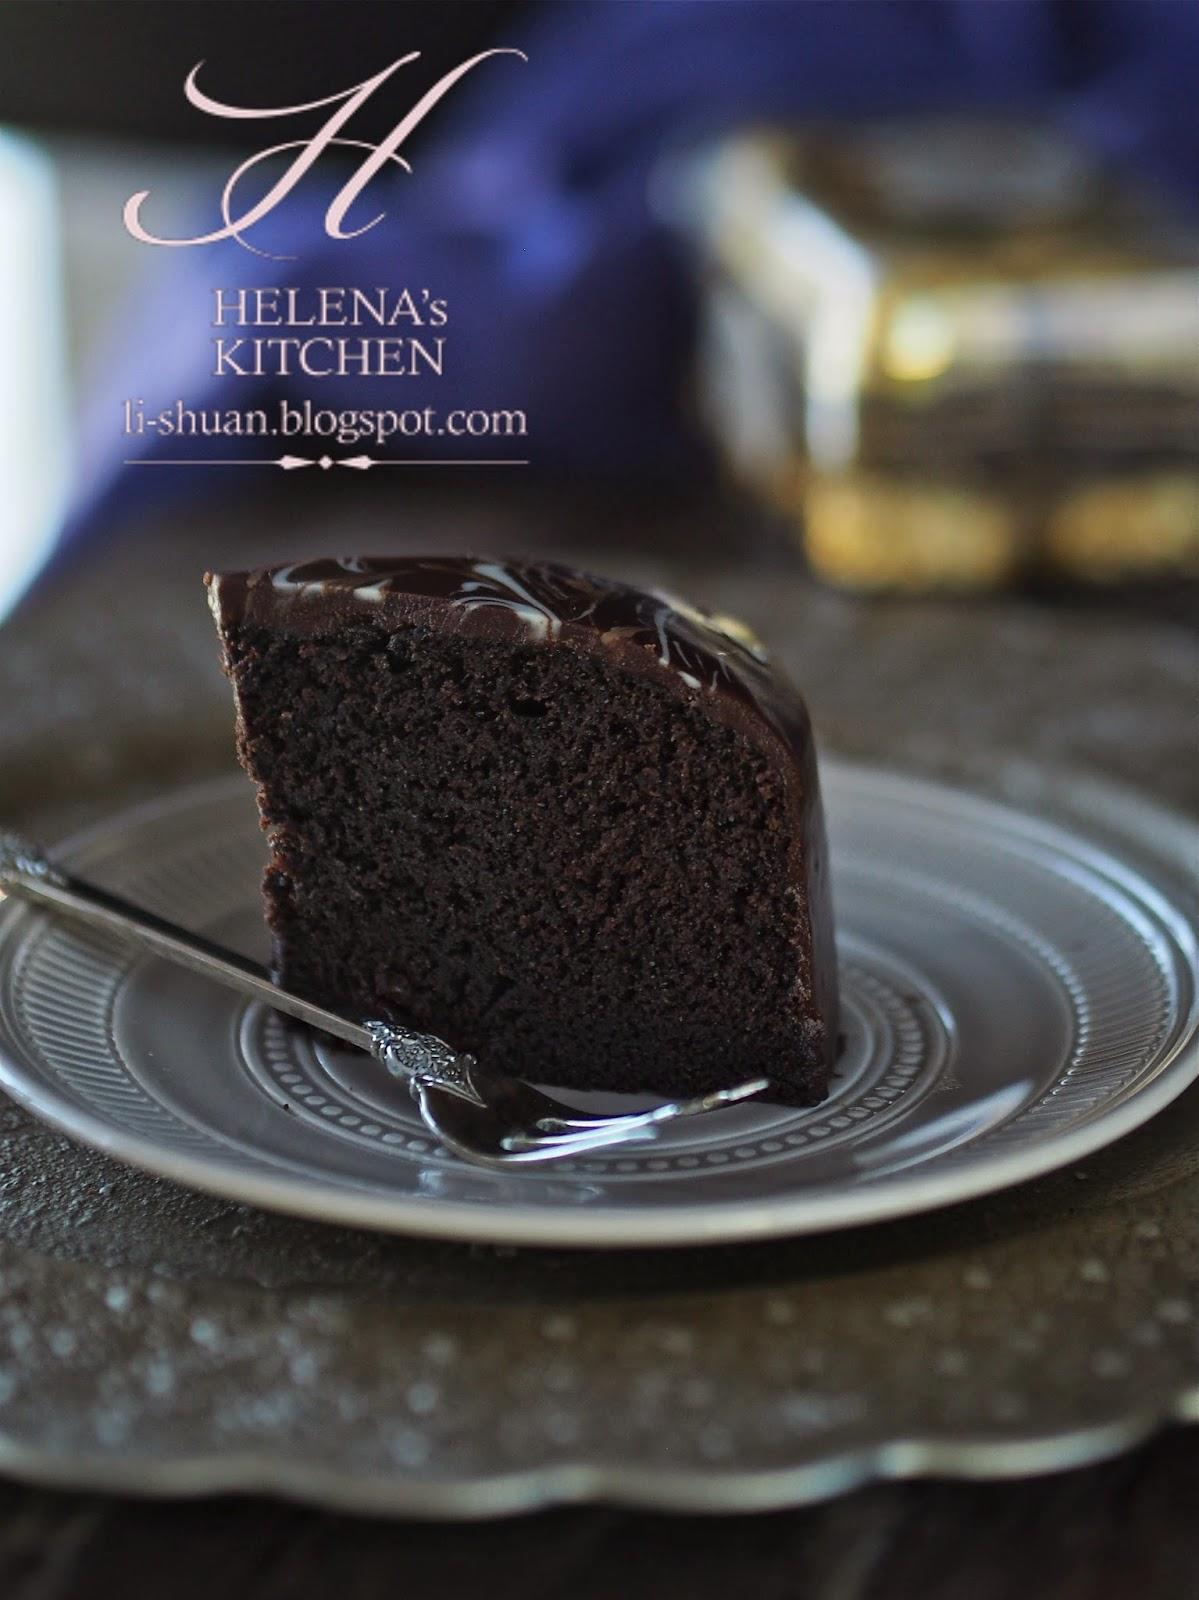 Helena S Kitchen Steam Chocolate Cake (蒸巧克力蛋糕)